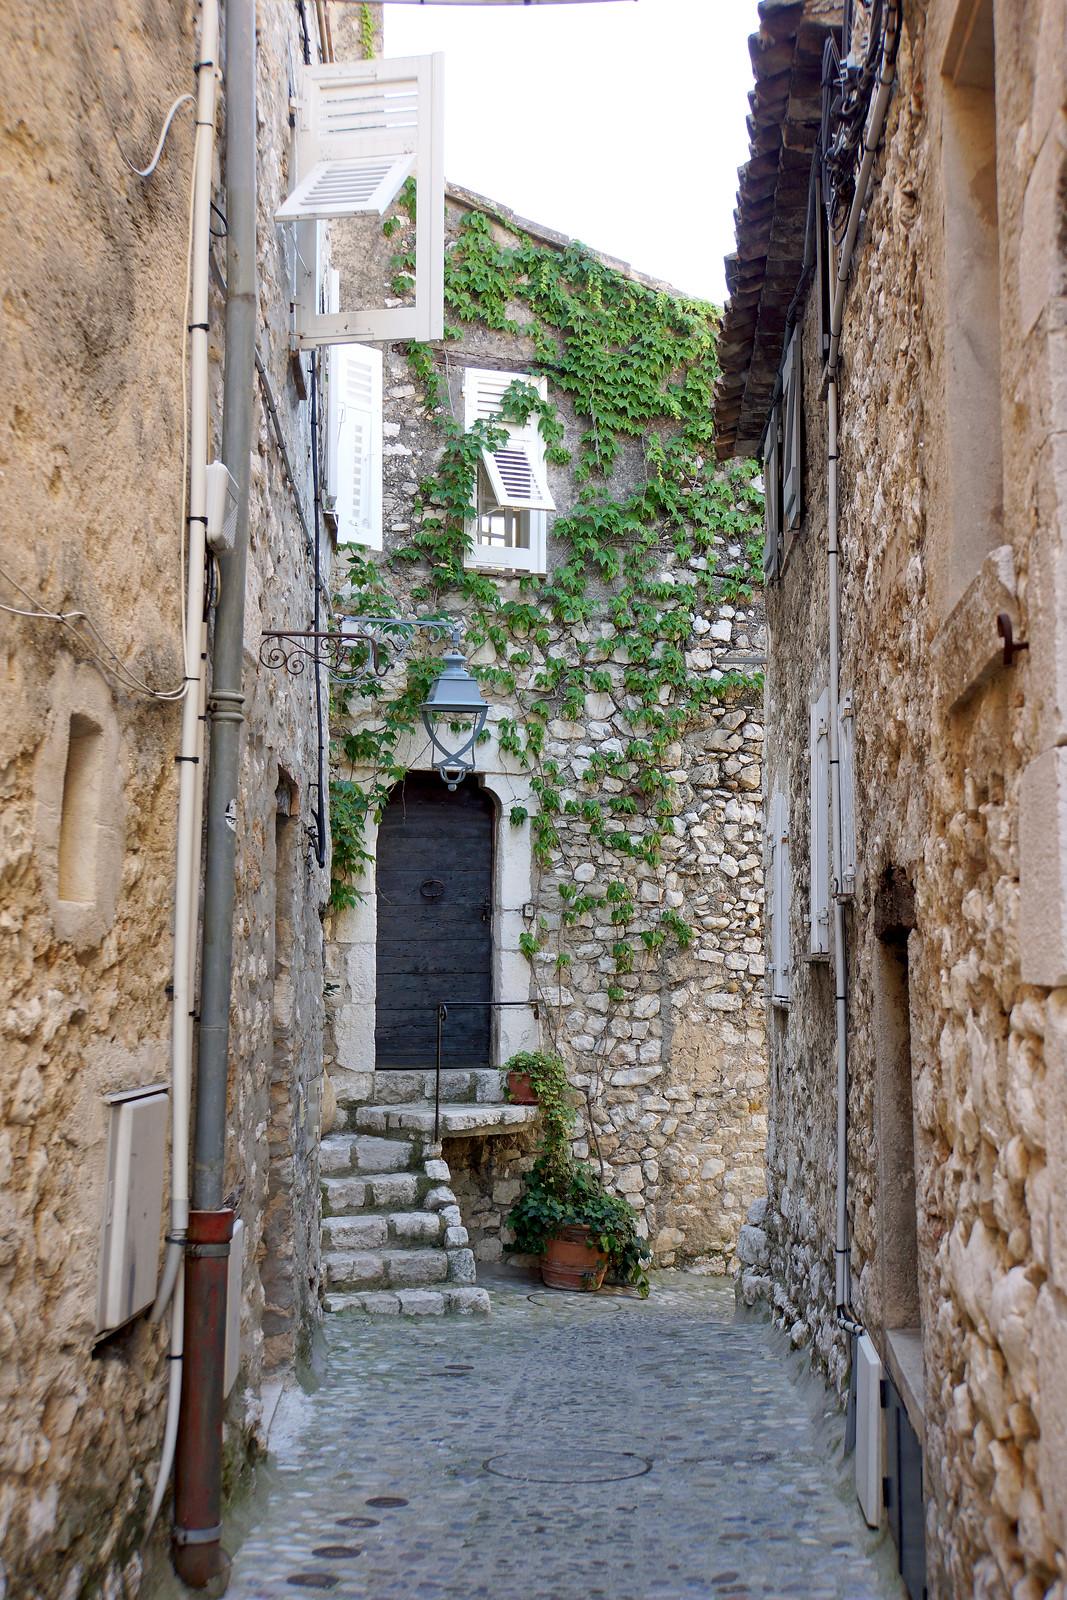 France-002692 - Leaving